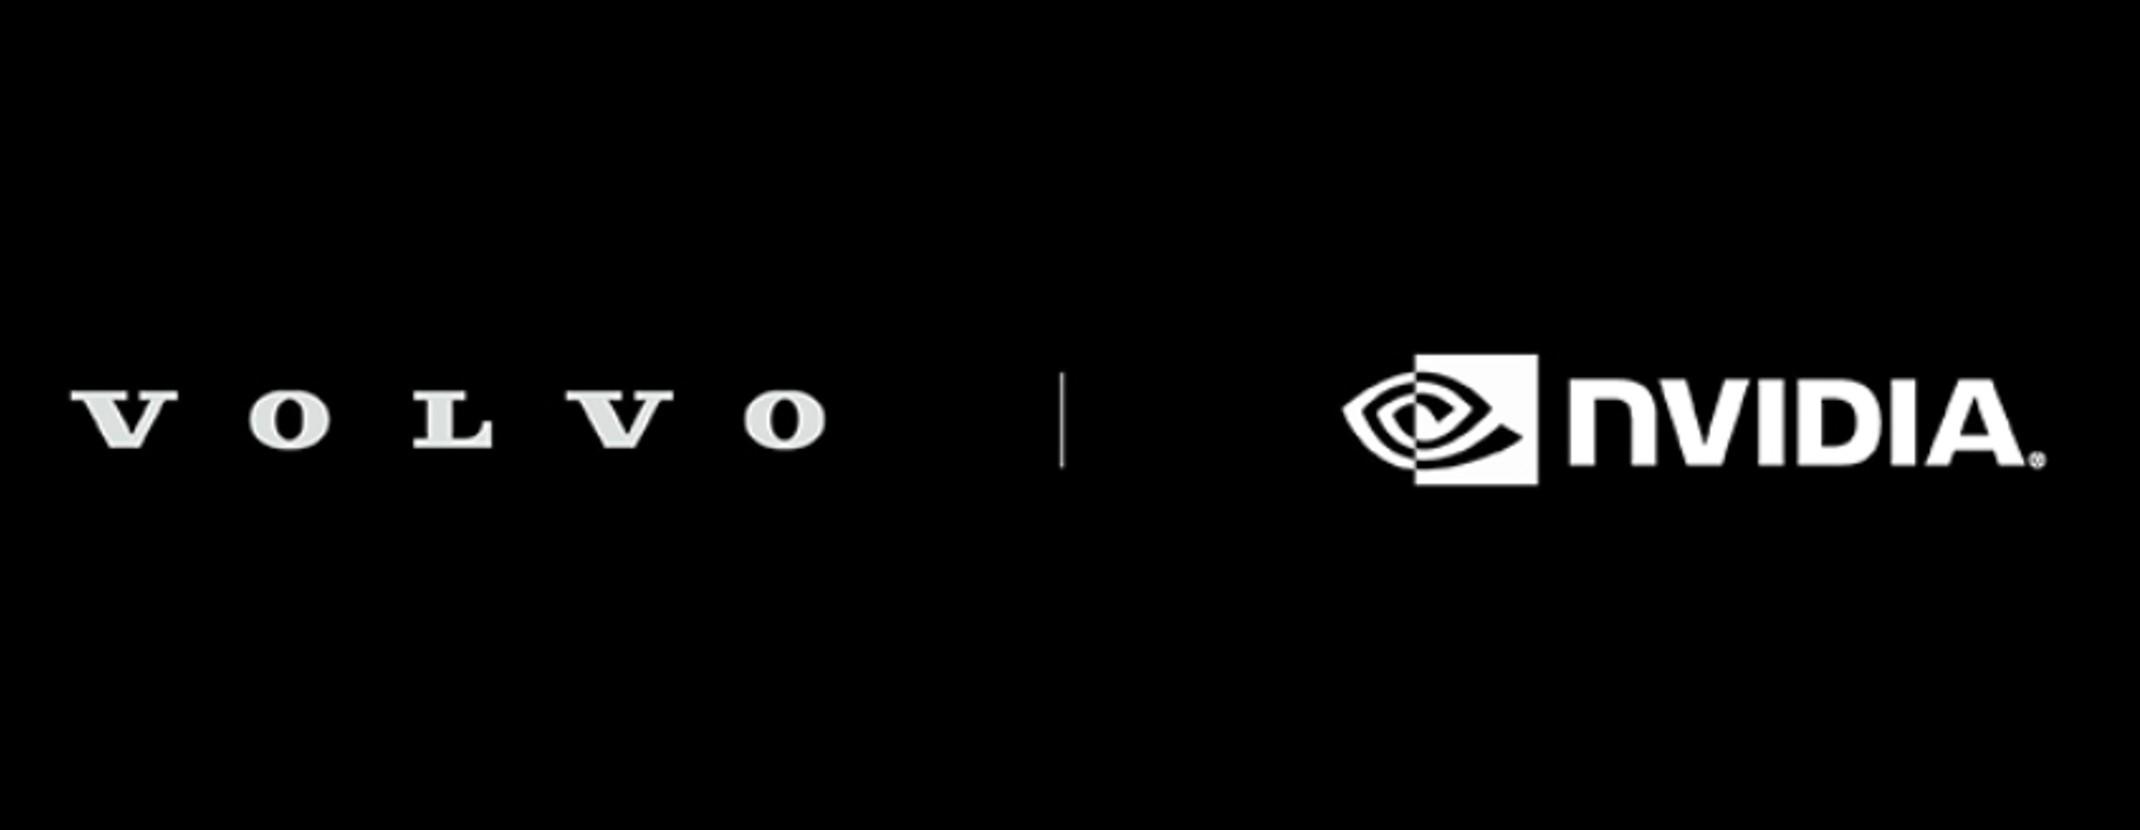 ボルボが来年発表予定の新型SUV「XC90」にNVIDIAの自動運転チップDRIVE Orinを搭載